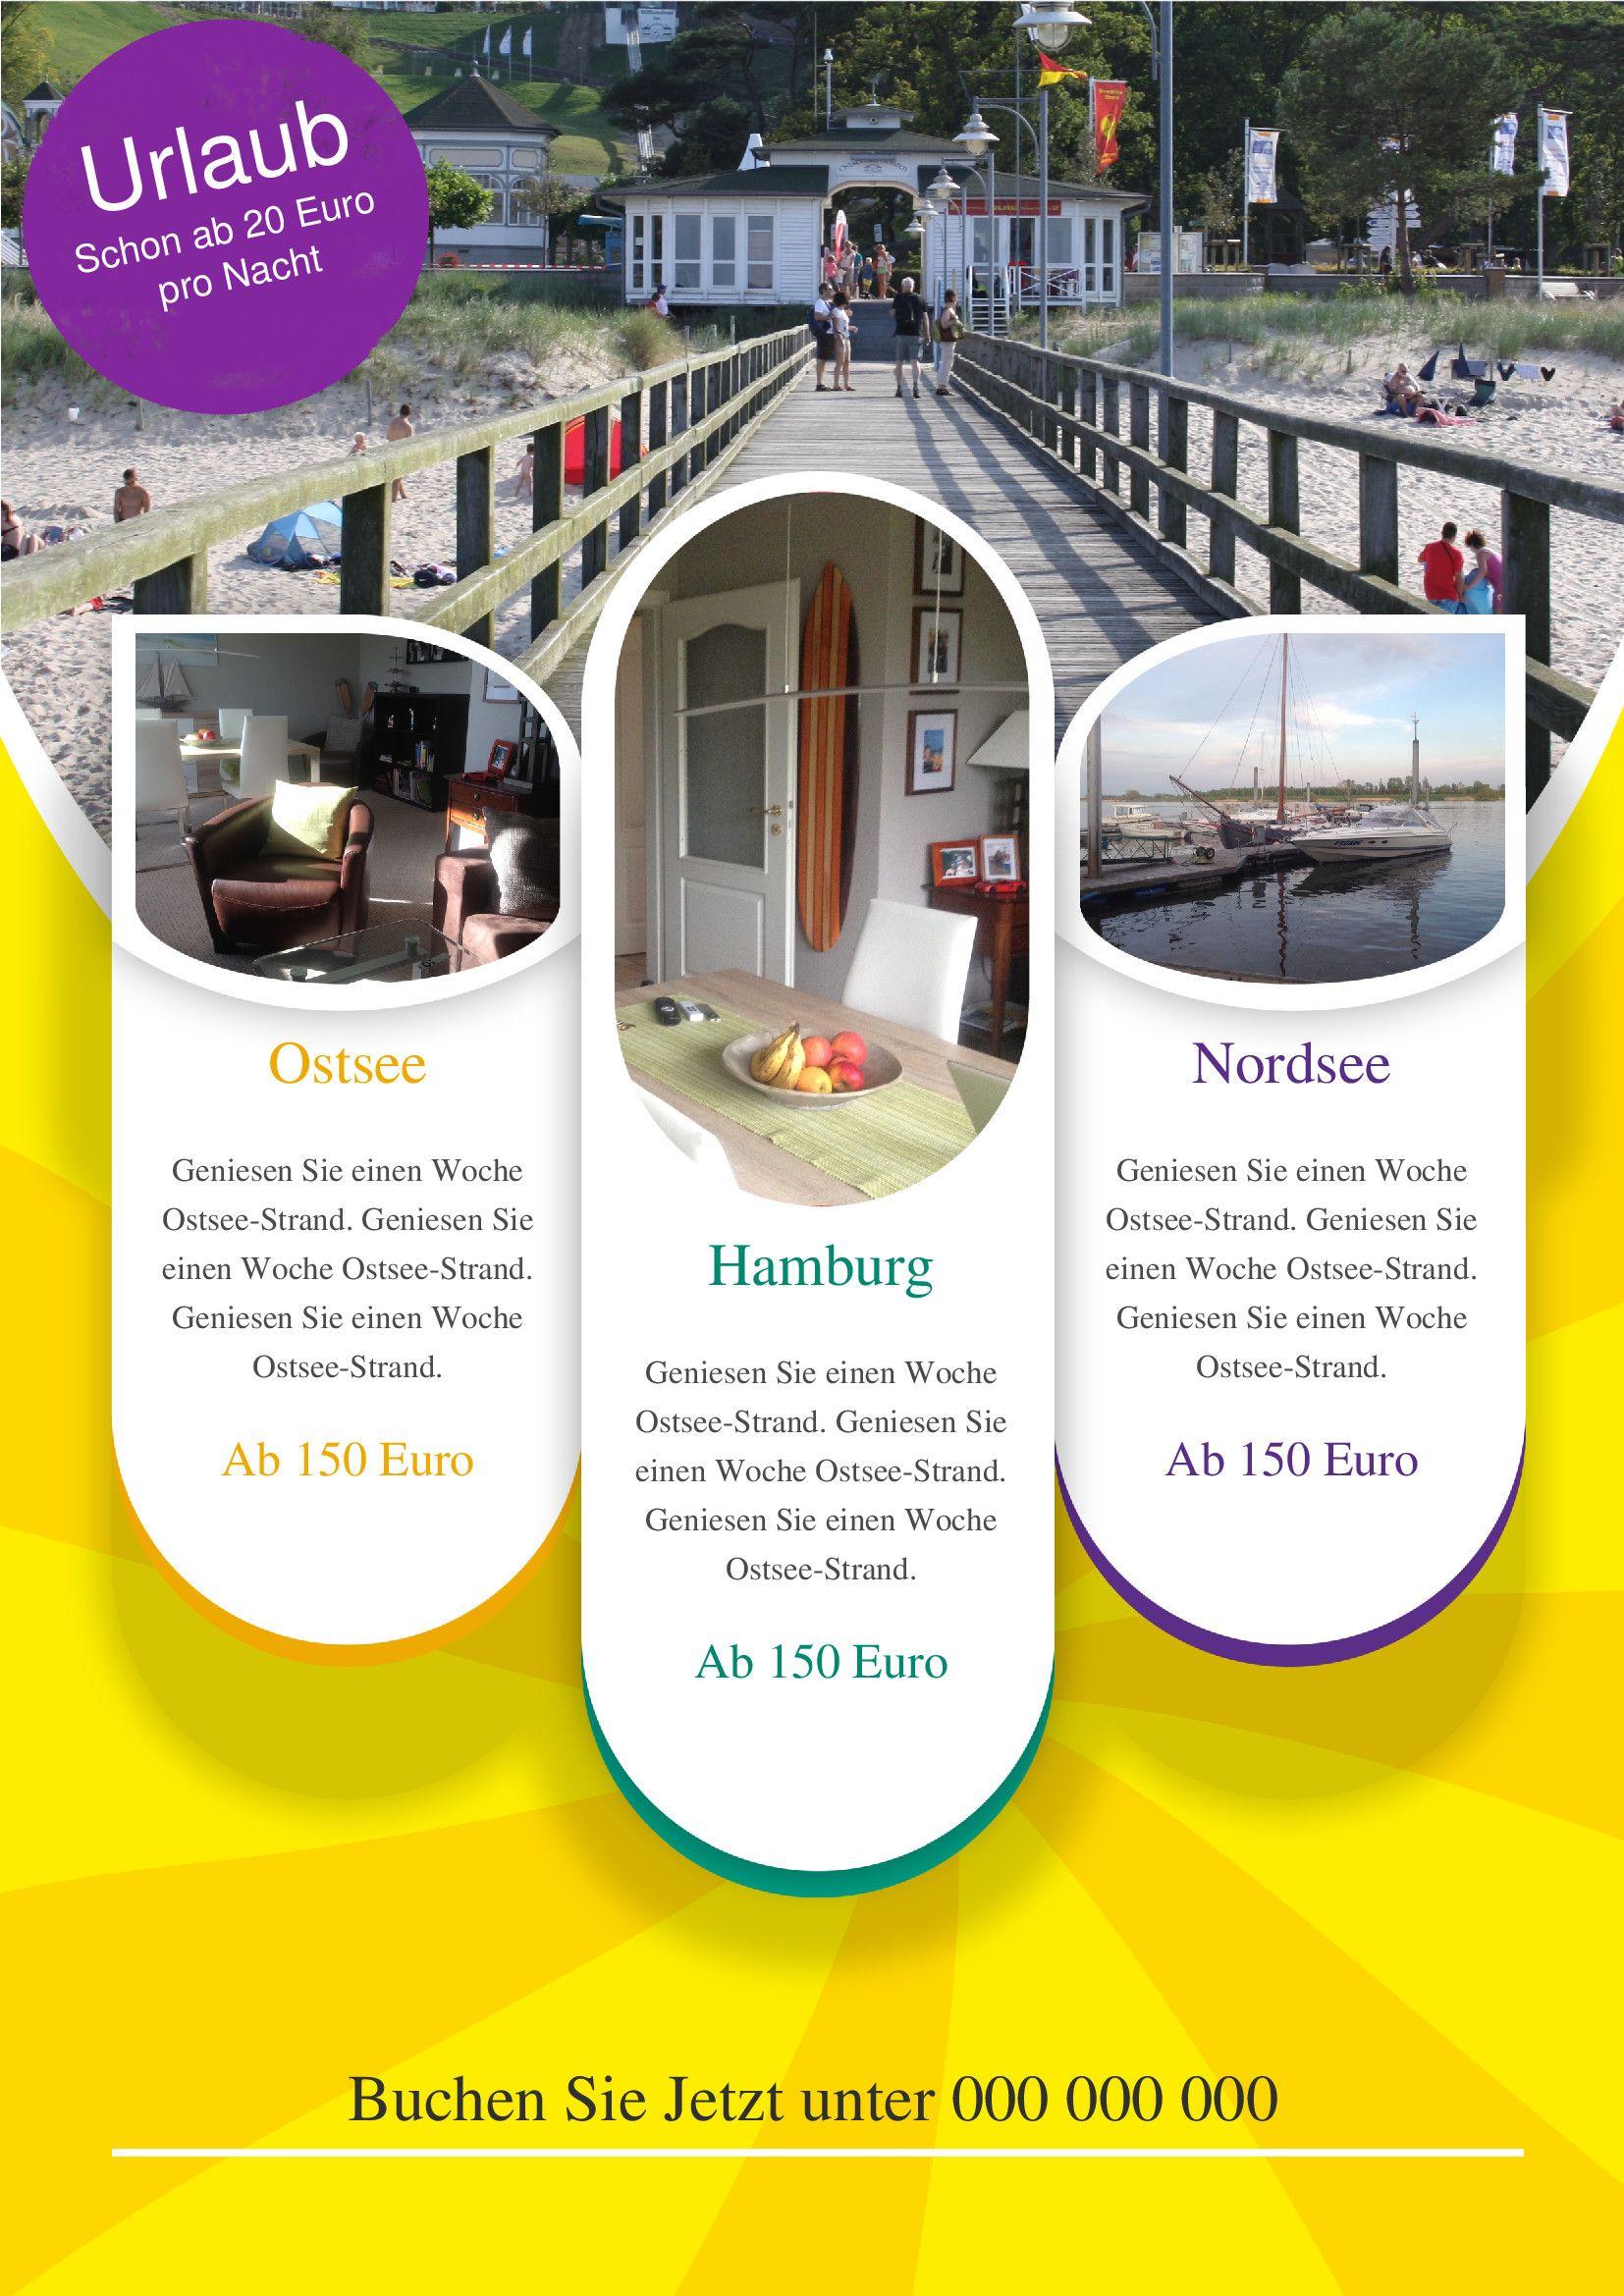 Mit diesem Flyer bzw. Handzettel bewerben Sie Ihr Urlaubs-Angebot ...